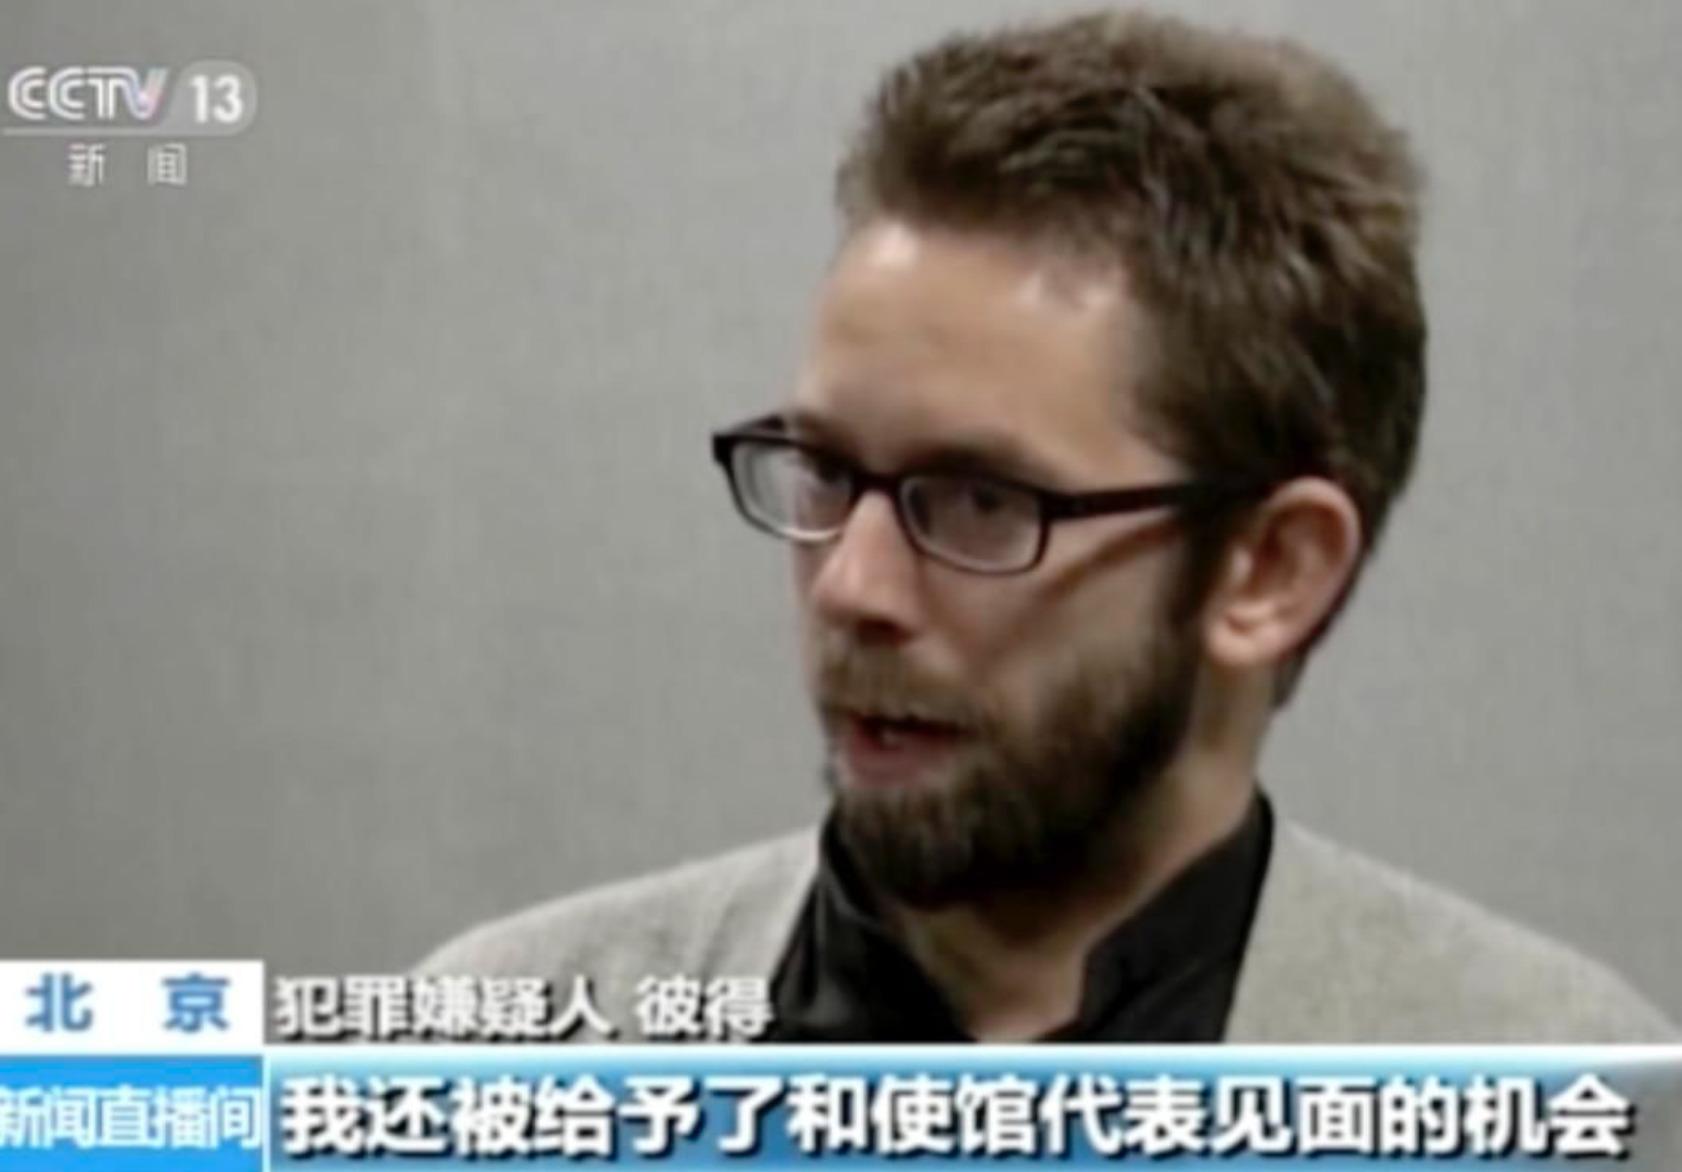 """Le militant suédois des droits de l'homme Peter Dahlin dans une confession télévisée, en janvier 2016, de sa """"crimes."""" """"Vidéosurveillance"""" est l'ancien nom de CGTN."""